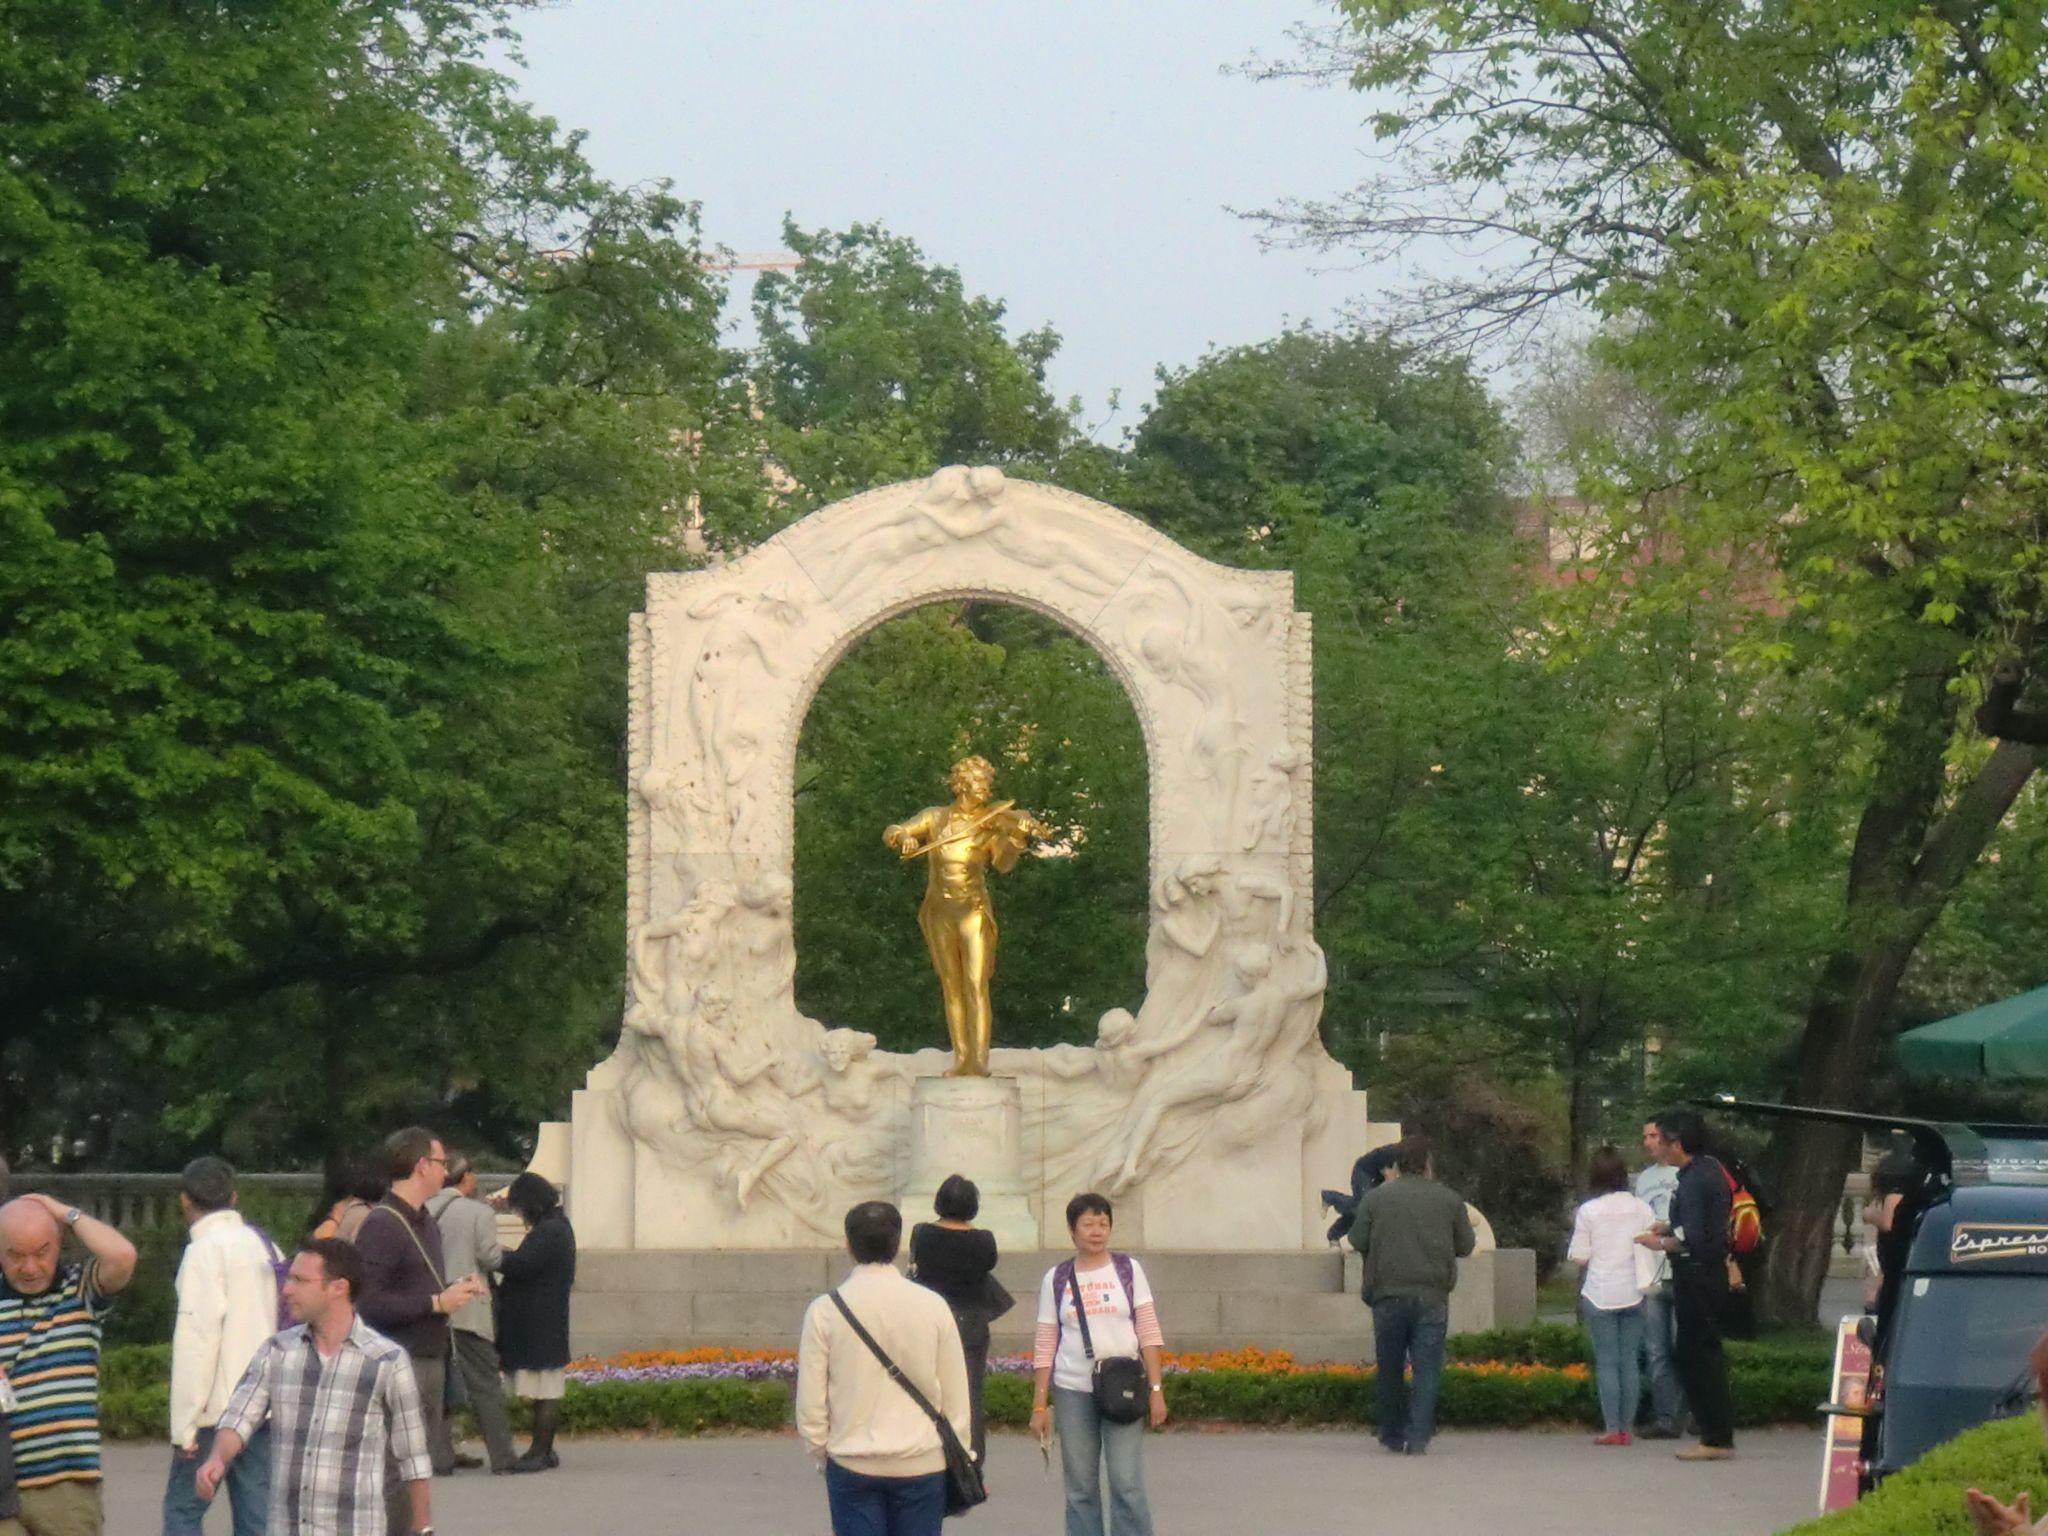 Vienna park 11 1440x1080 - Vienna: elegant beauty